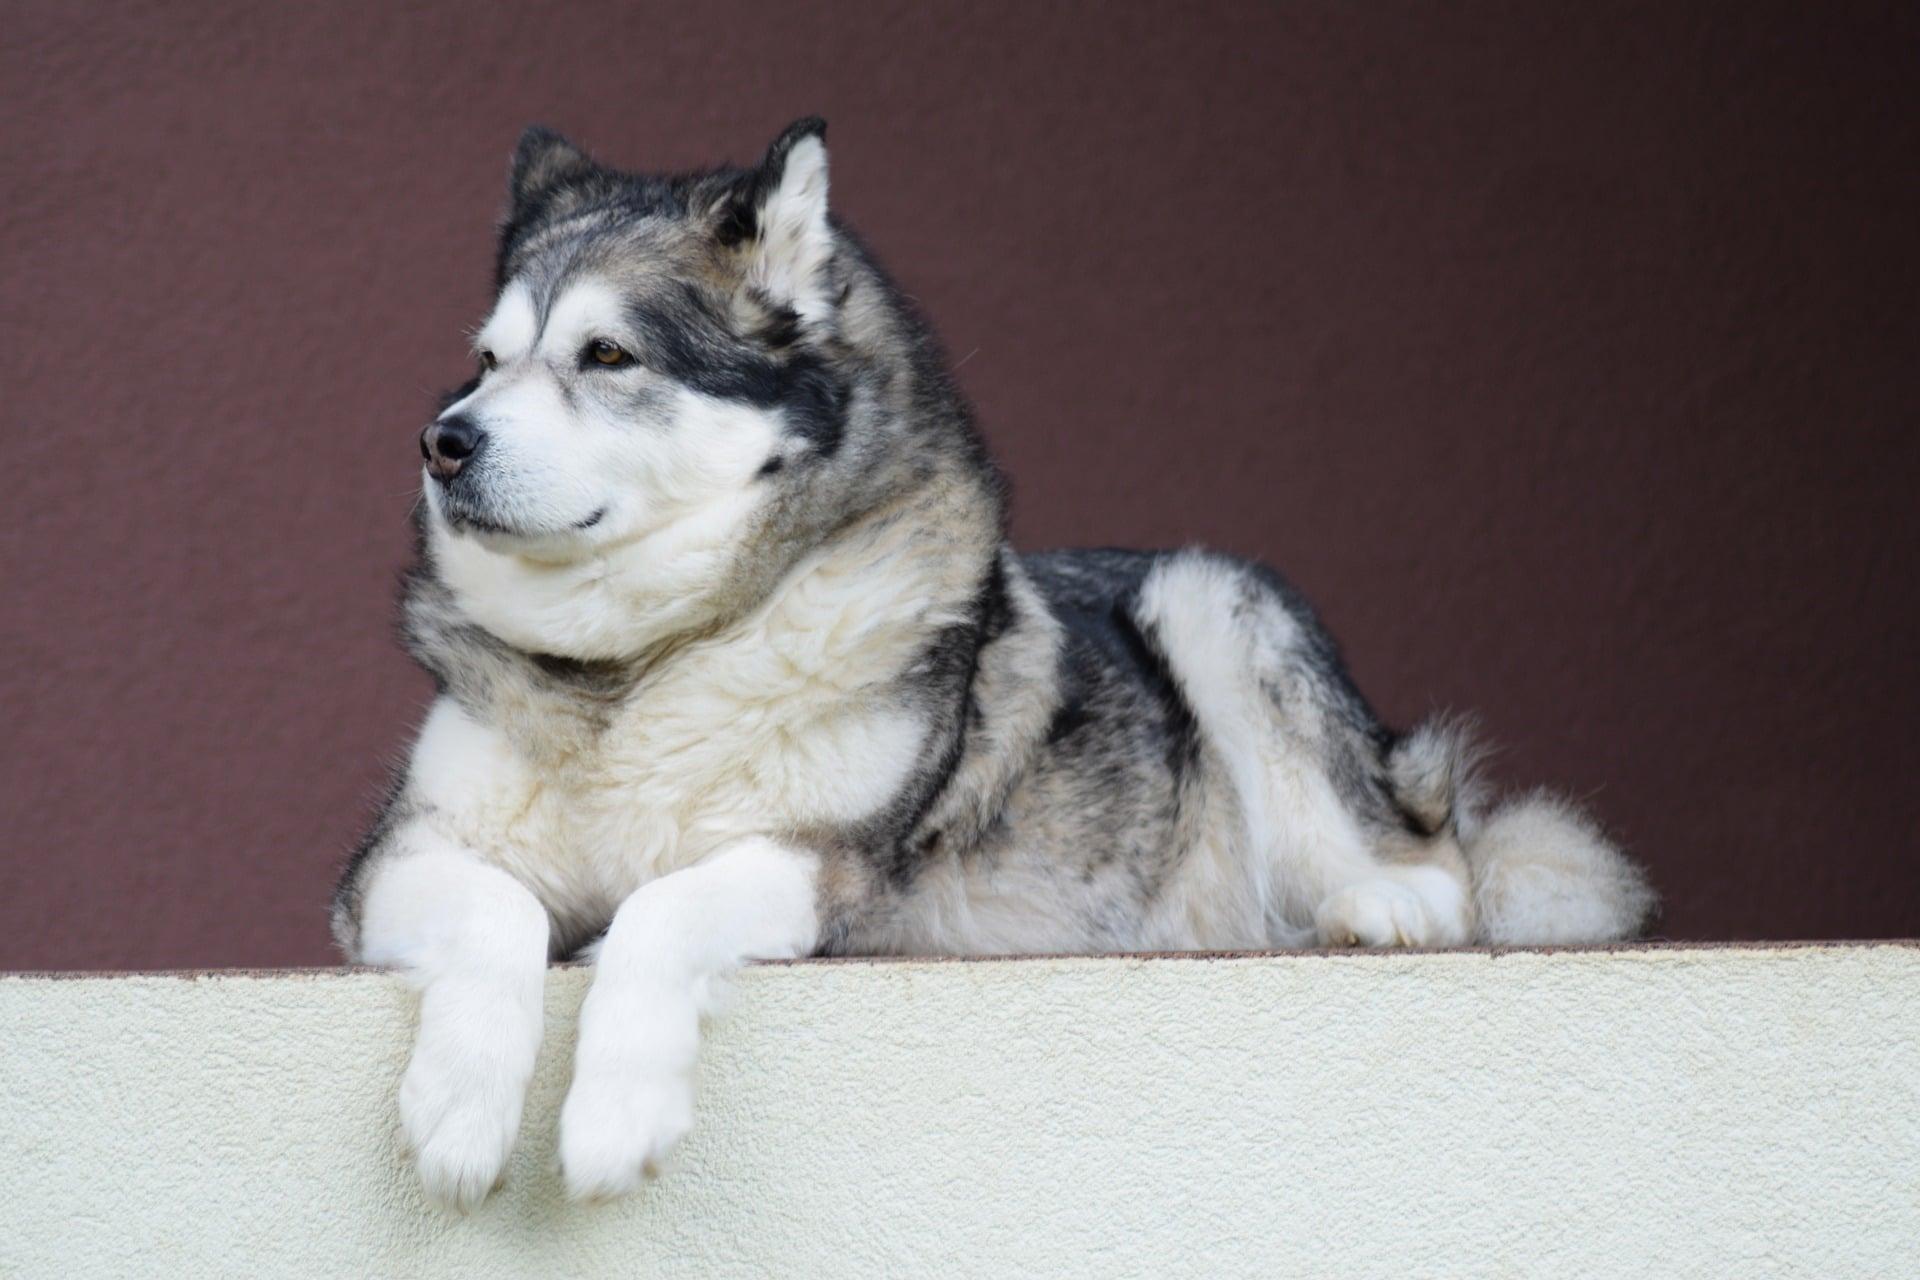 Der Alaskan Malamute ist eine grosse süsse Hunderasse.